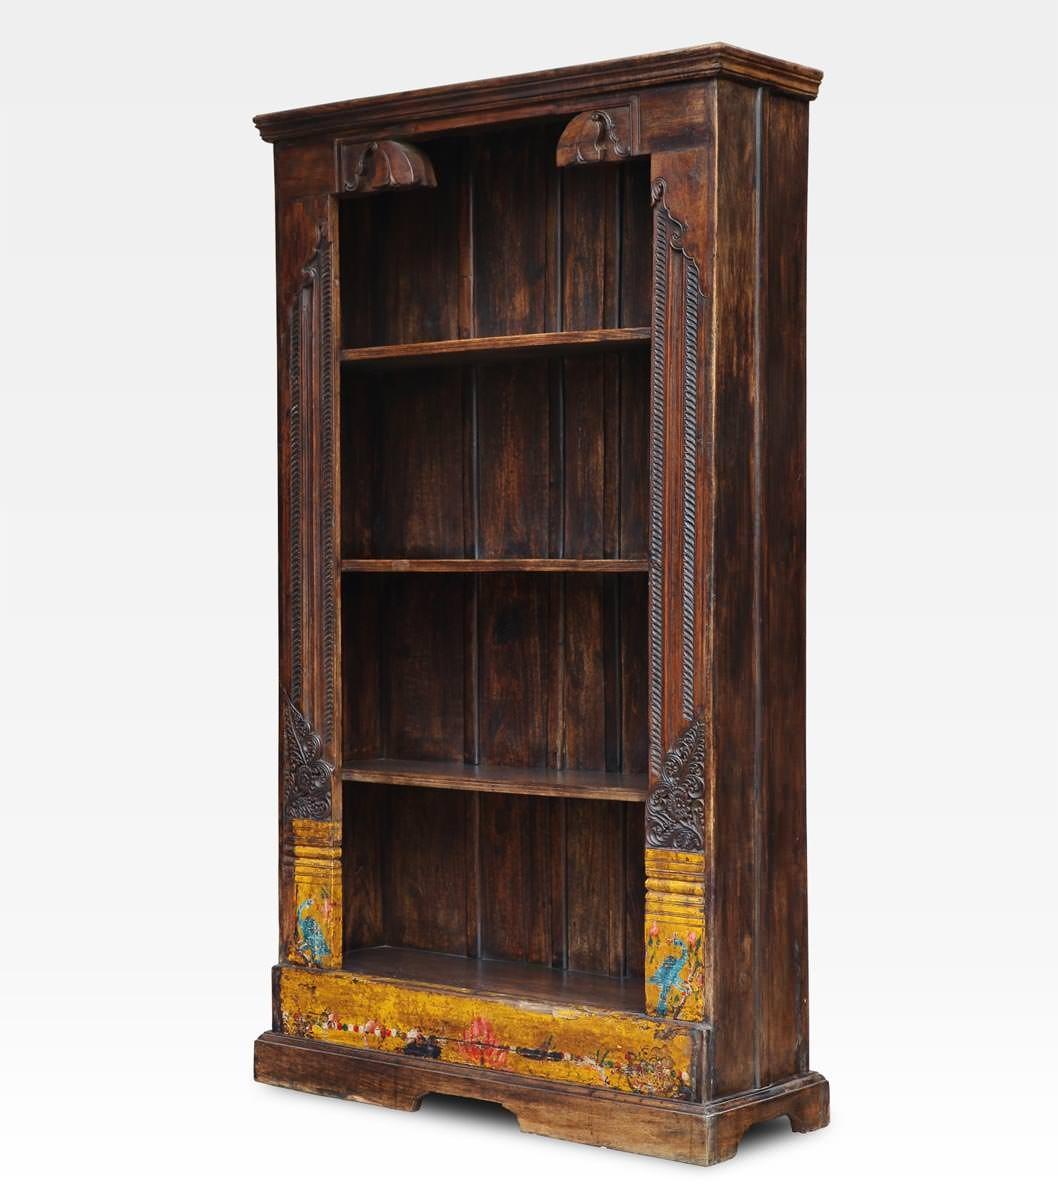 Libreria Antica In Legno.Libreria Indiana Dipinta E Intagliata In Legno Di Teak